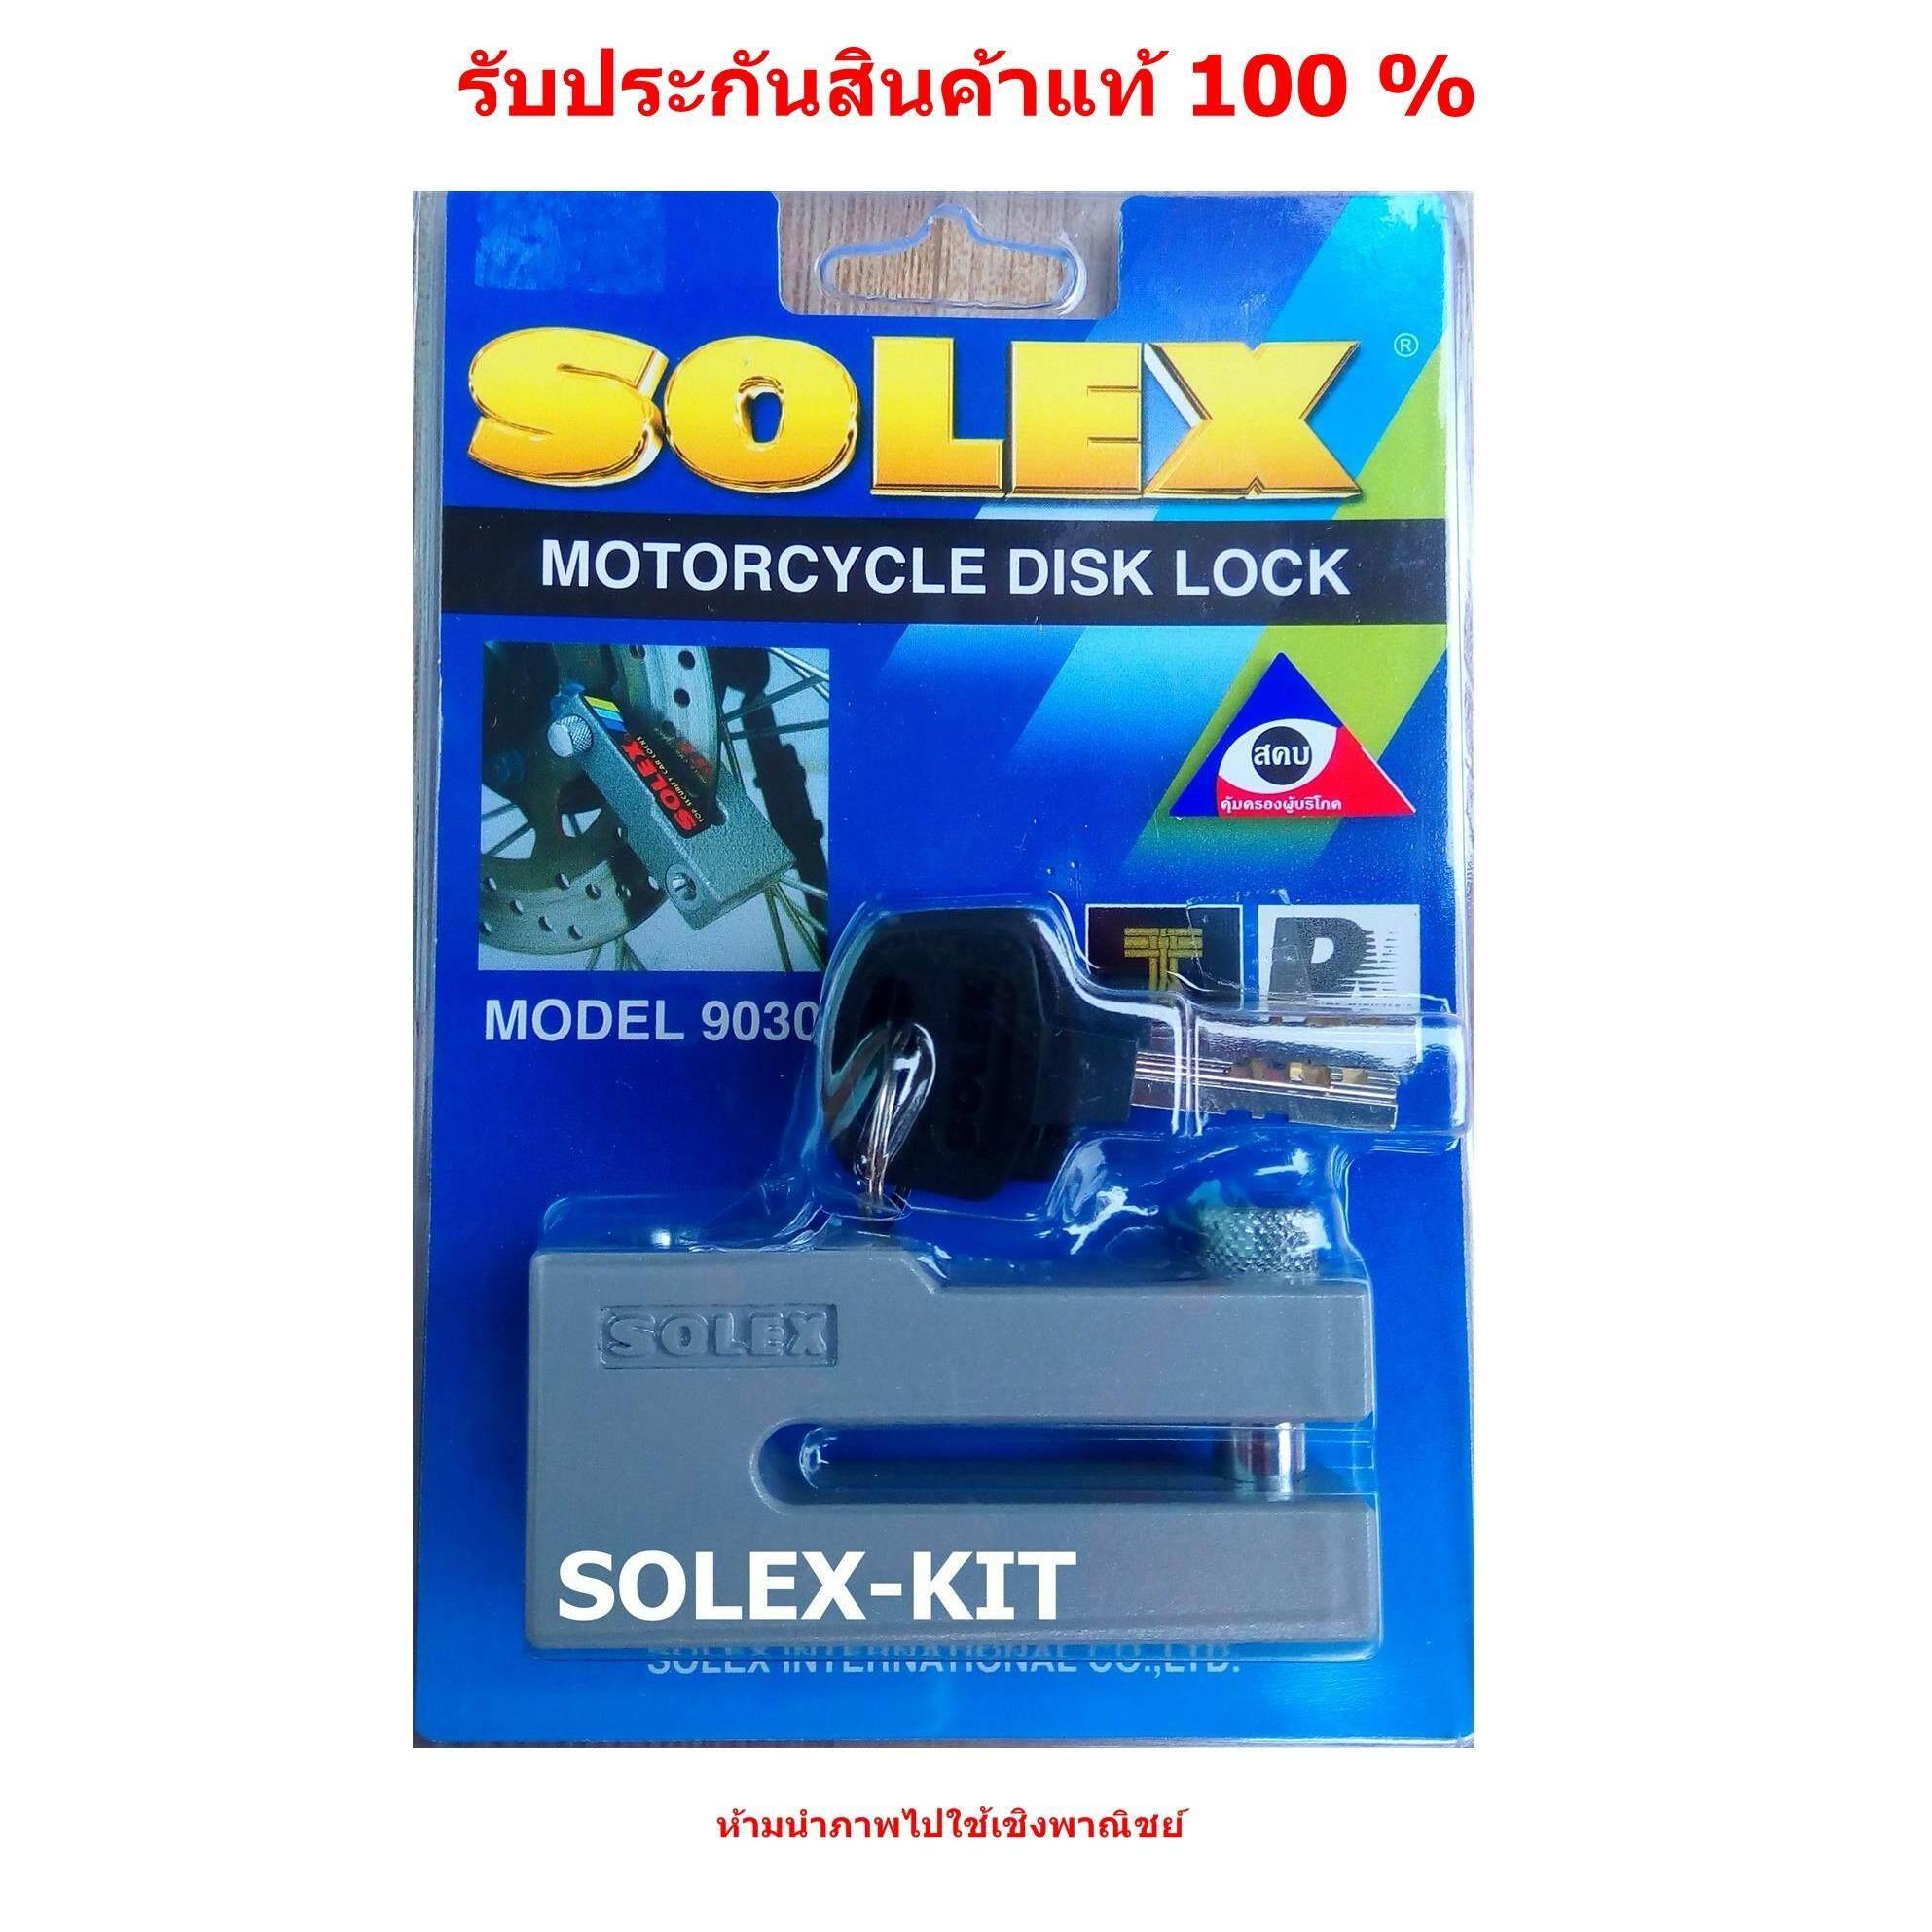 ส่วนลด Solex ล็อคดิสเบรค รถจักรยานยนต์ รุ่น 9030 Solex กรุงเทพมหานคร